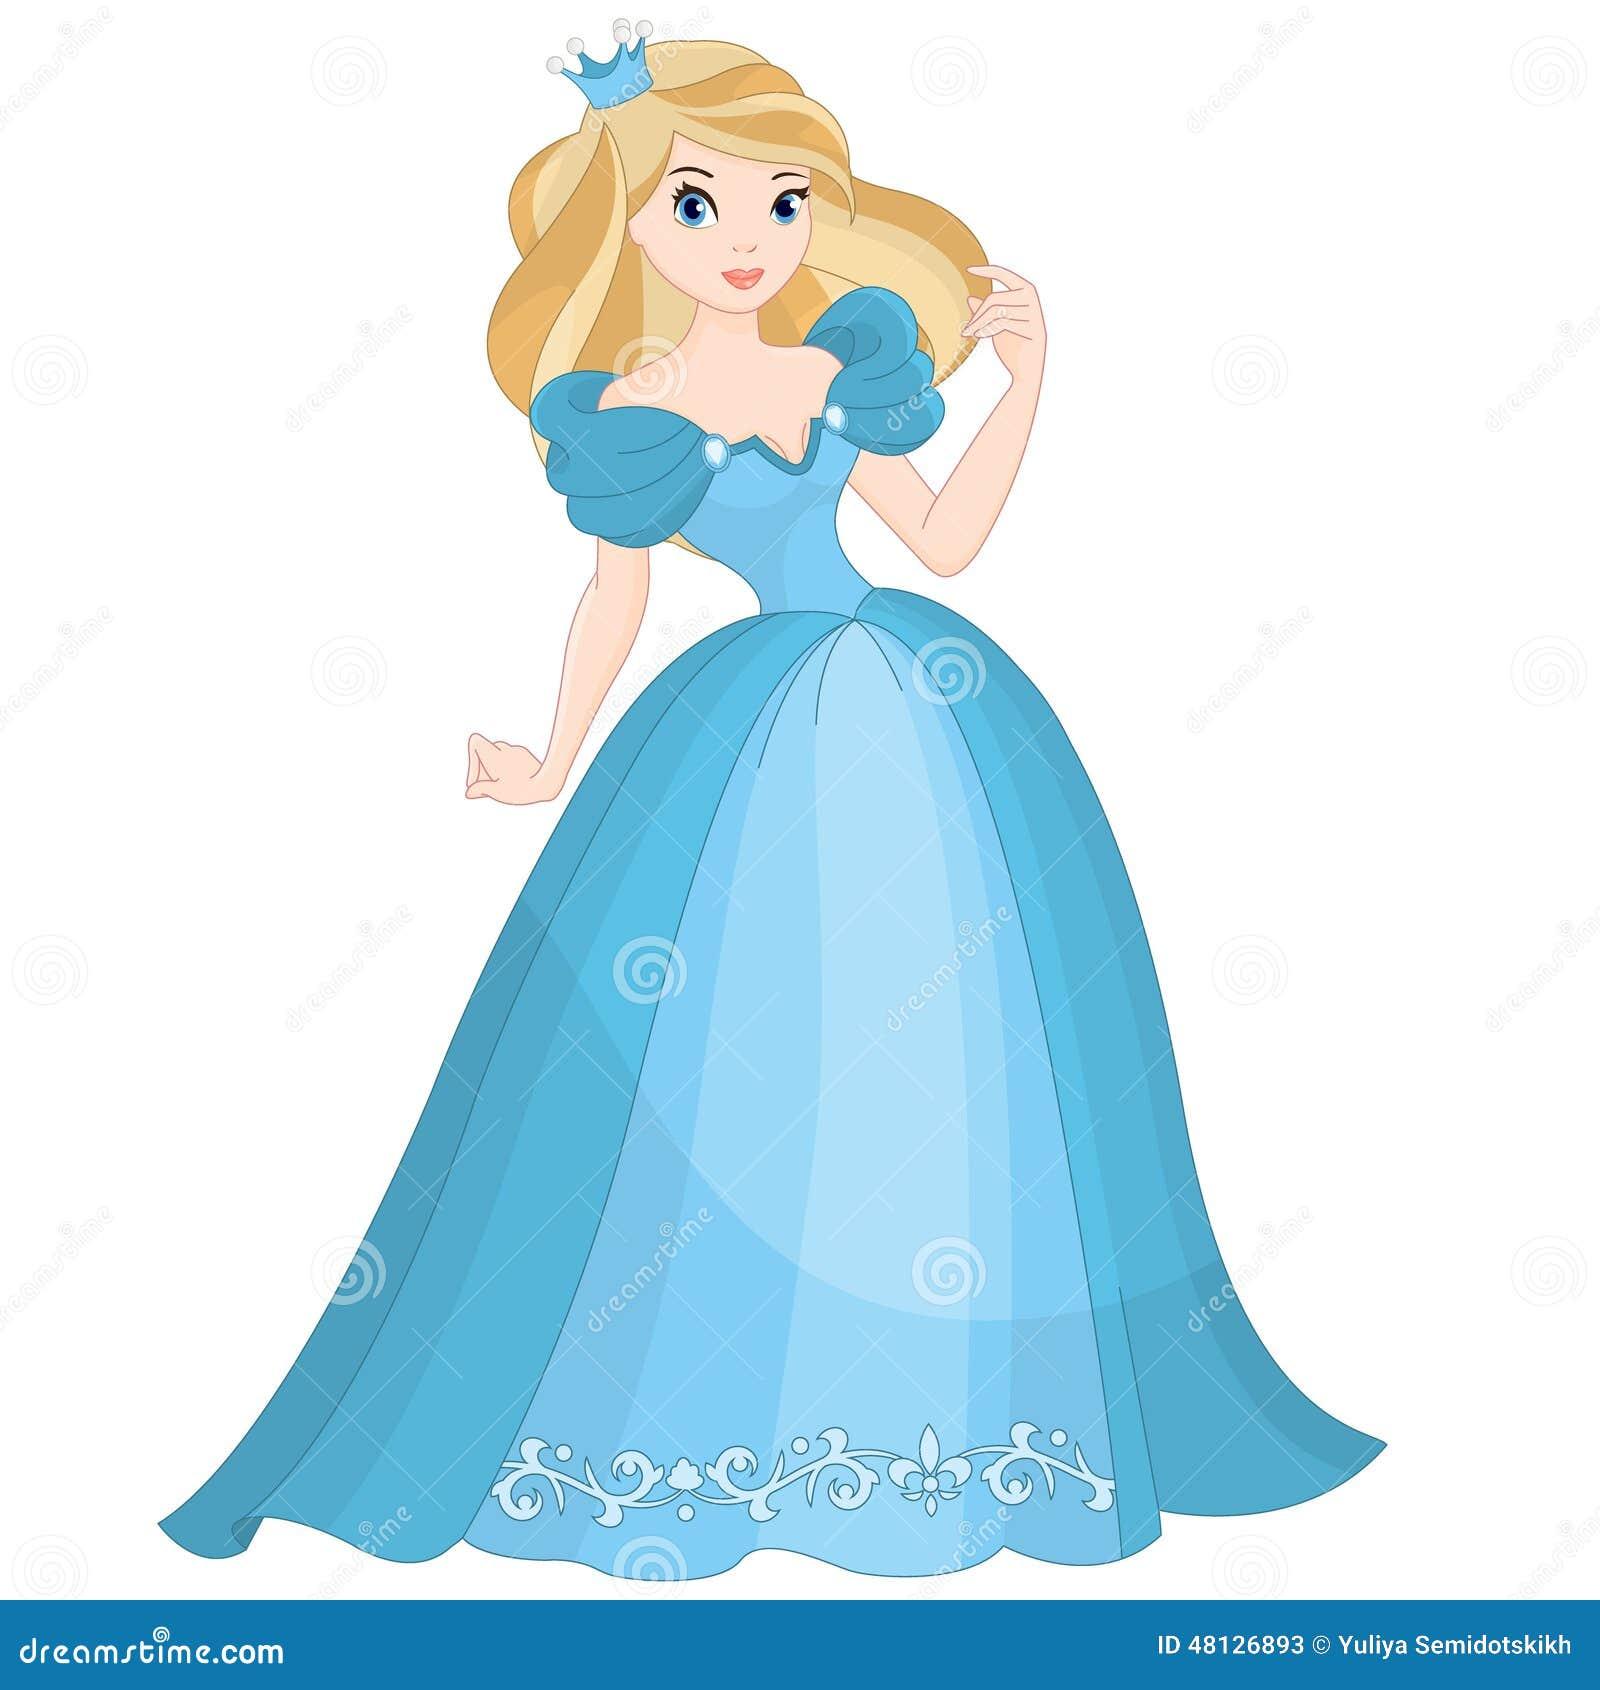 https://thumbs.dreamstime.com/z/princesse-blonde-de-conte-de-fes-48126893.jpg